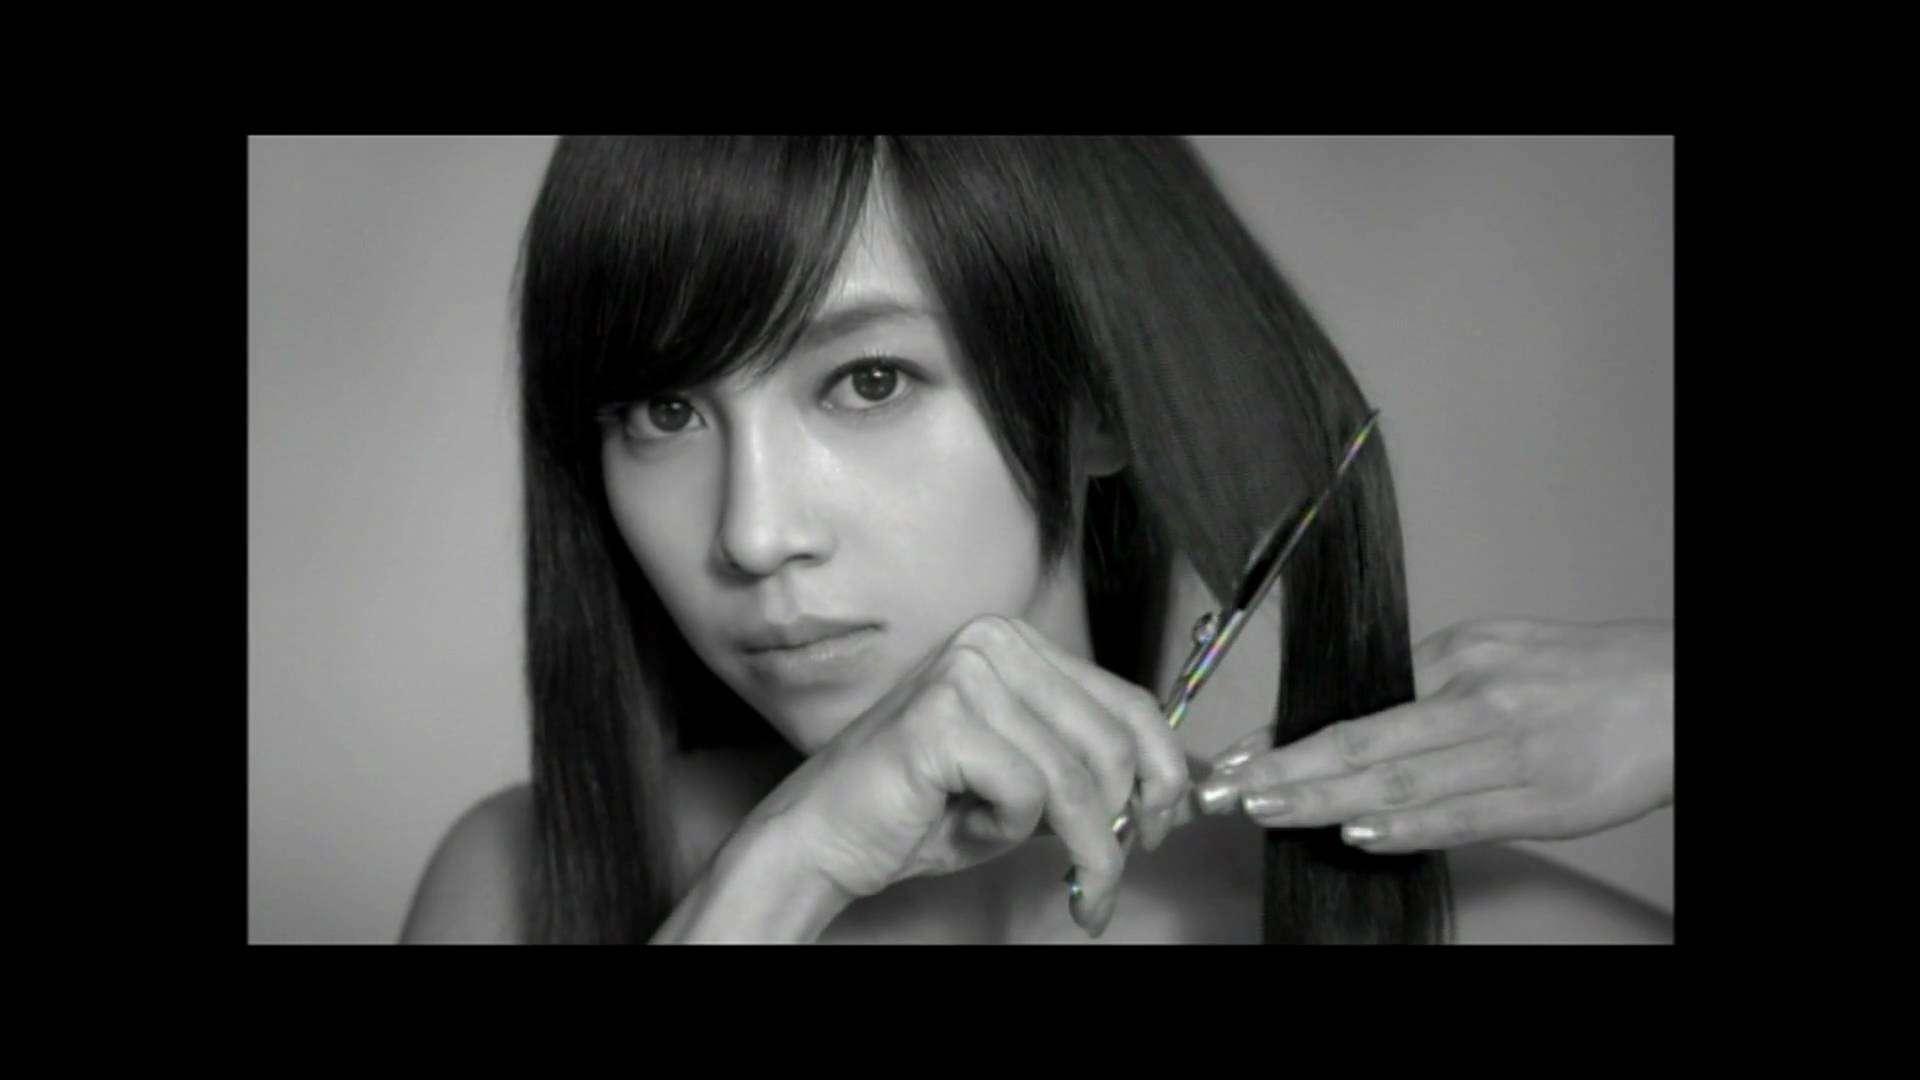 【HD 高画質】 ICONIQ アイコニック CM CF 資生堂 Shiseido マキアージュ MAQuillAGE - YouTube